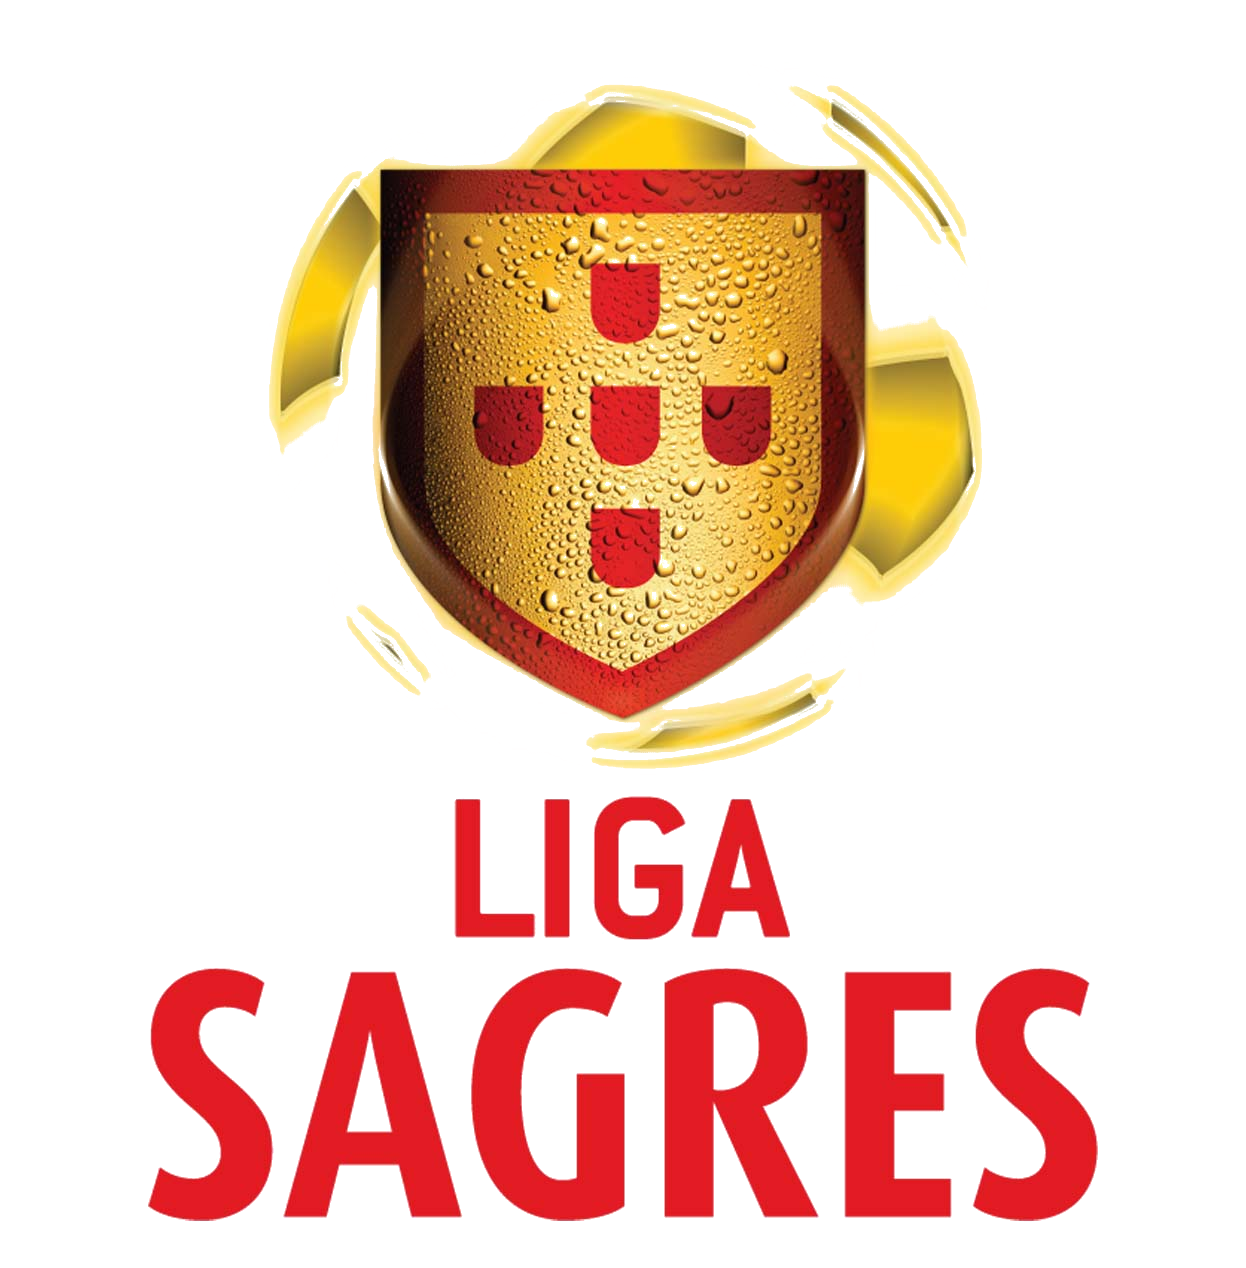 Primeira Liga Logopedia The Logo And Branding Site